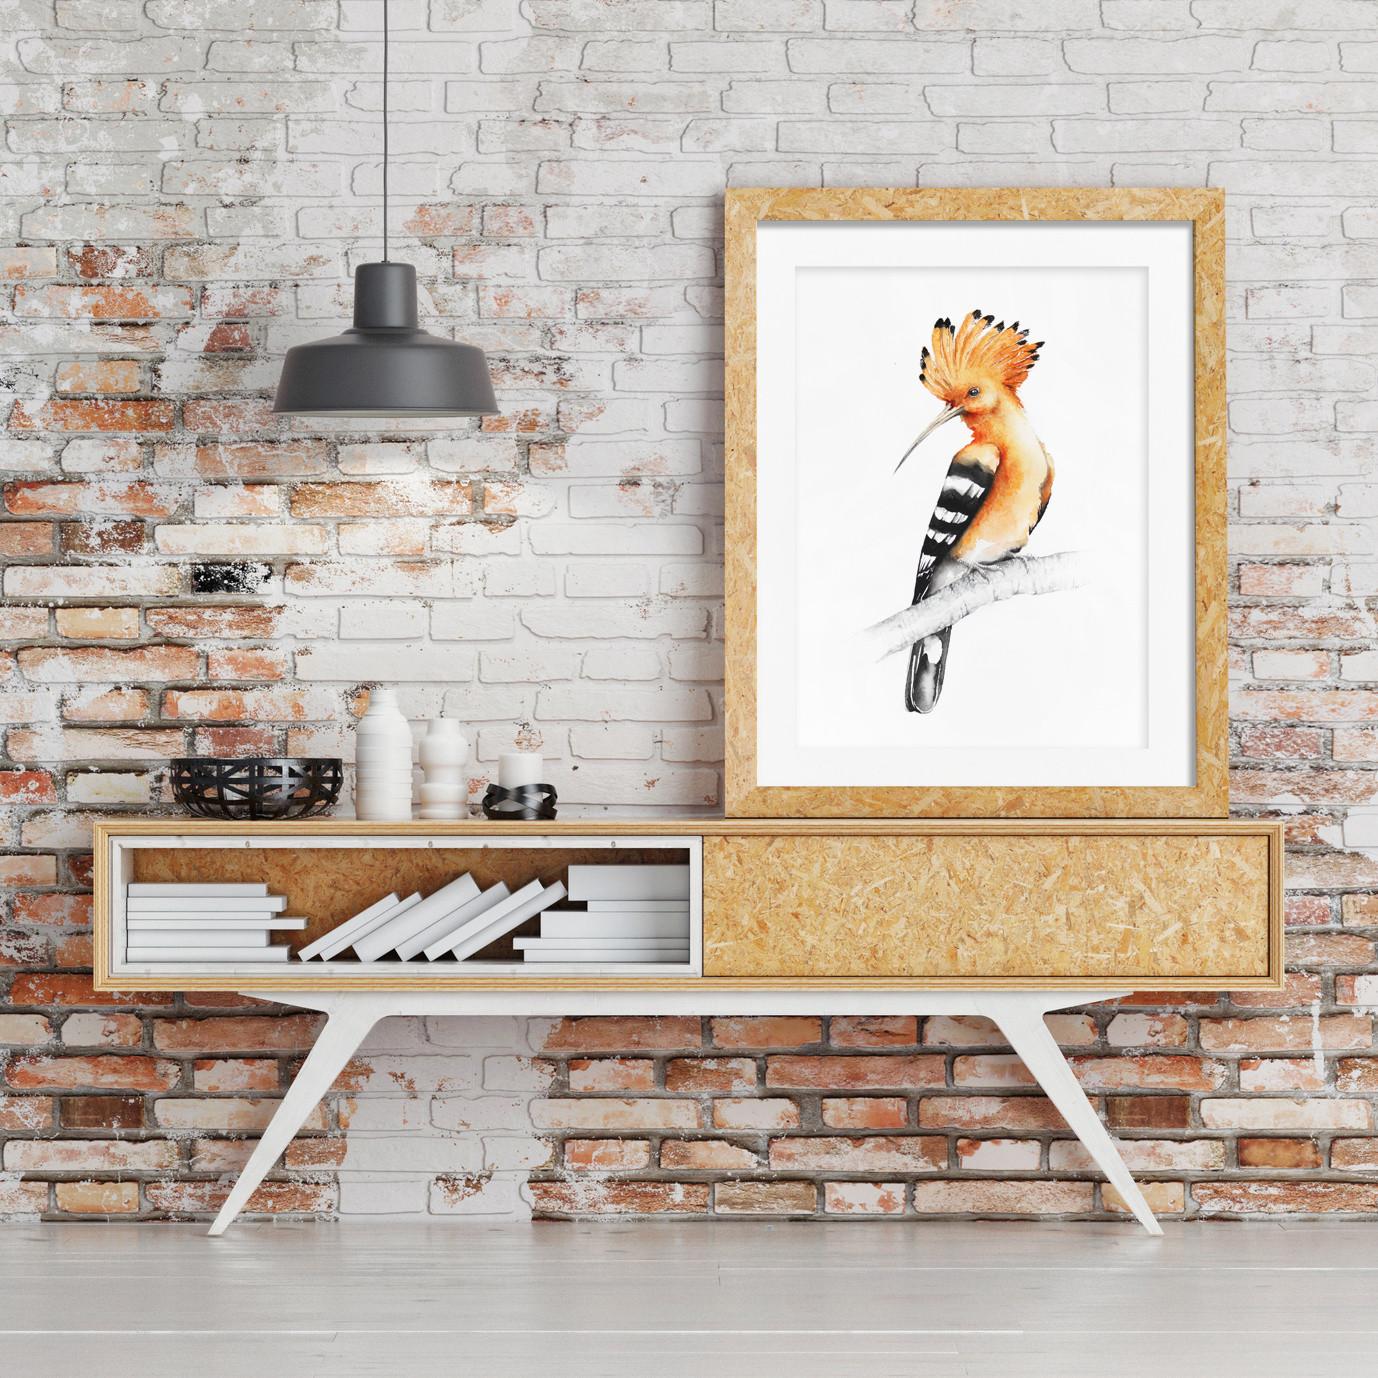 Framed hoopoe